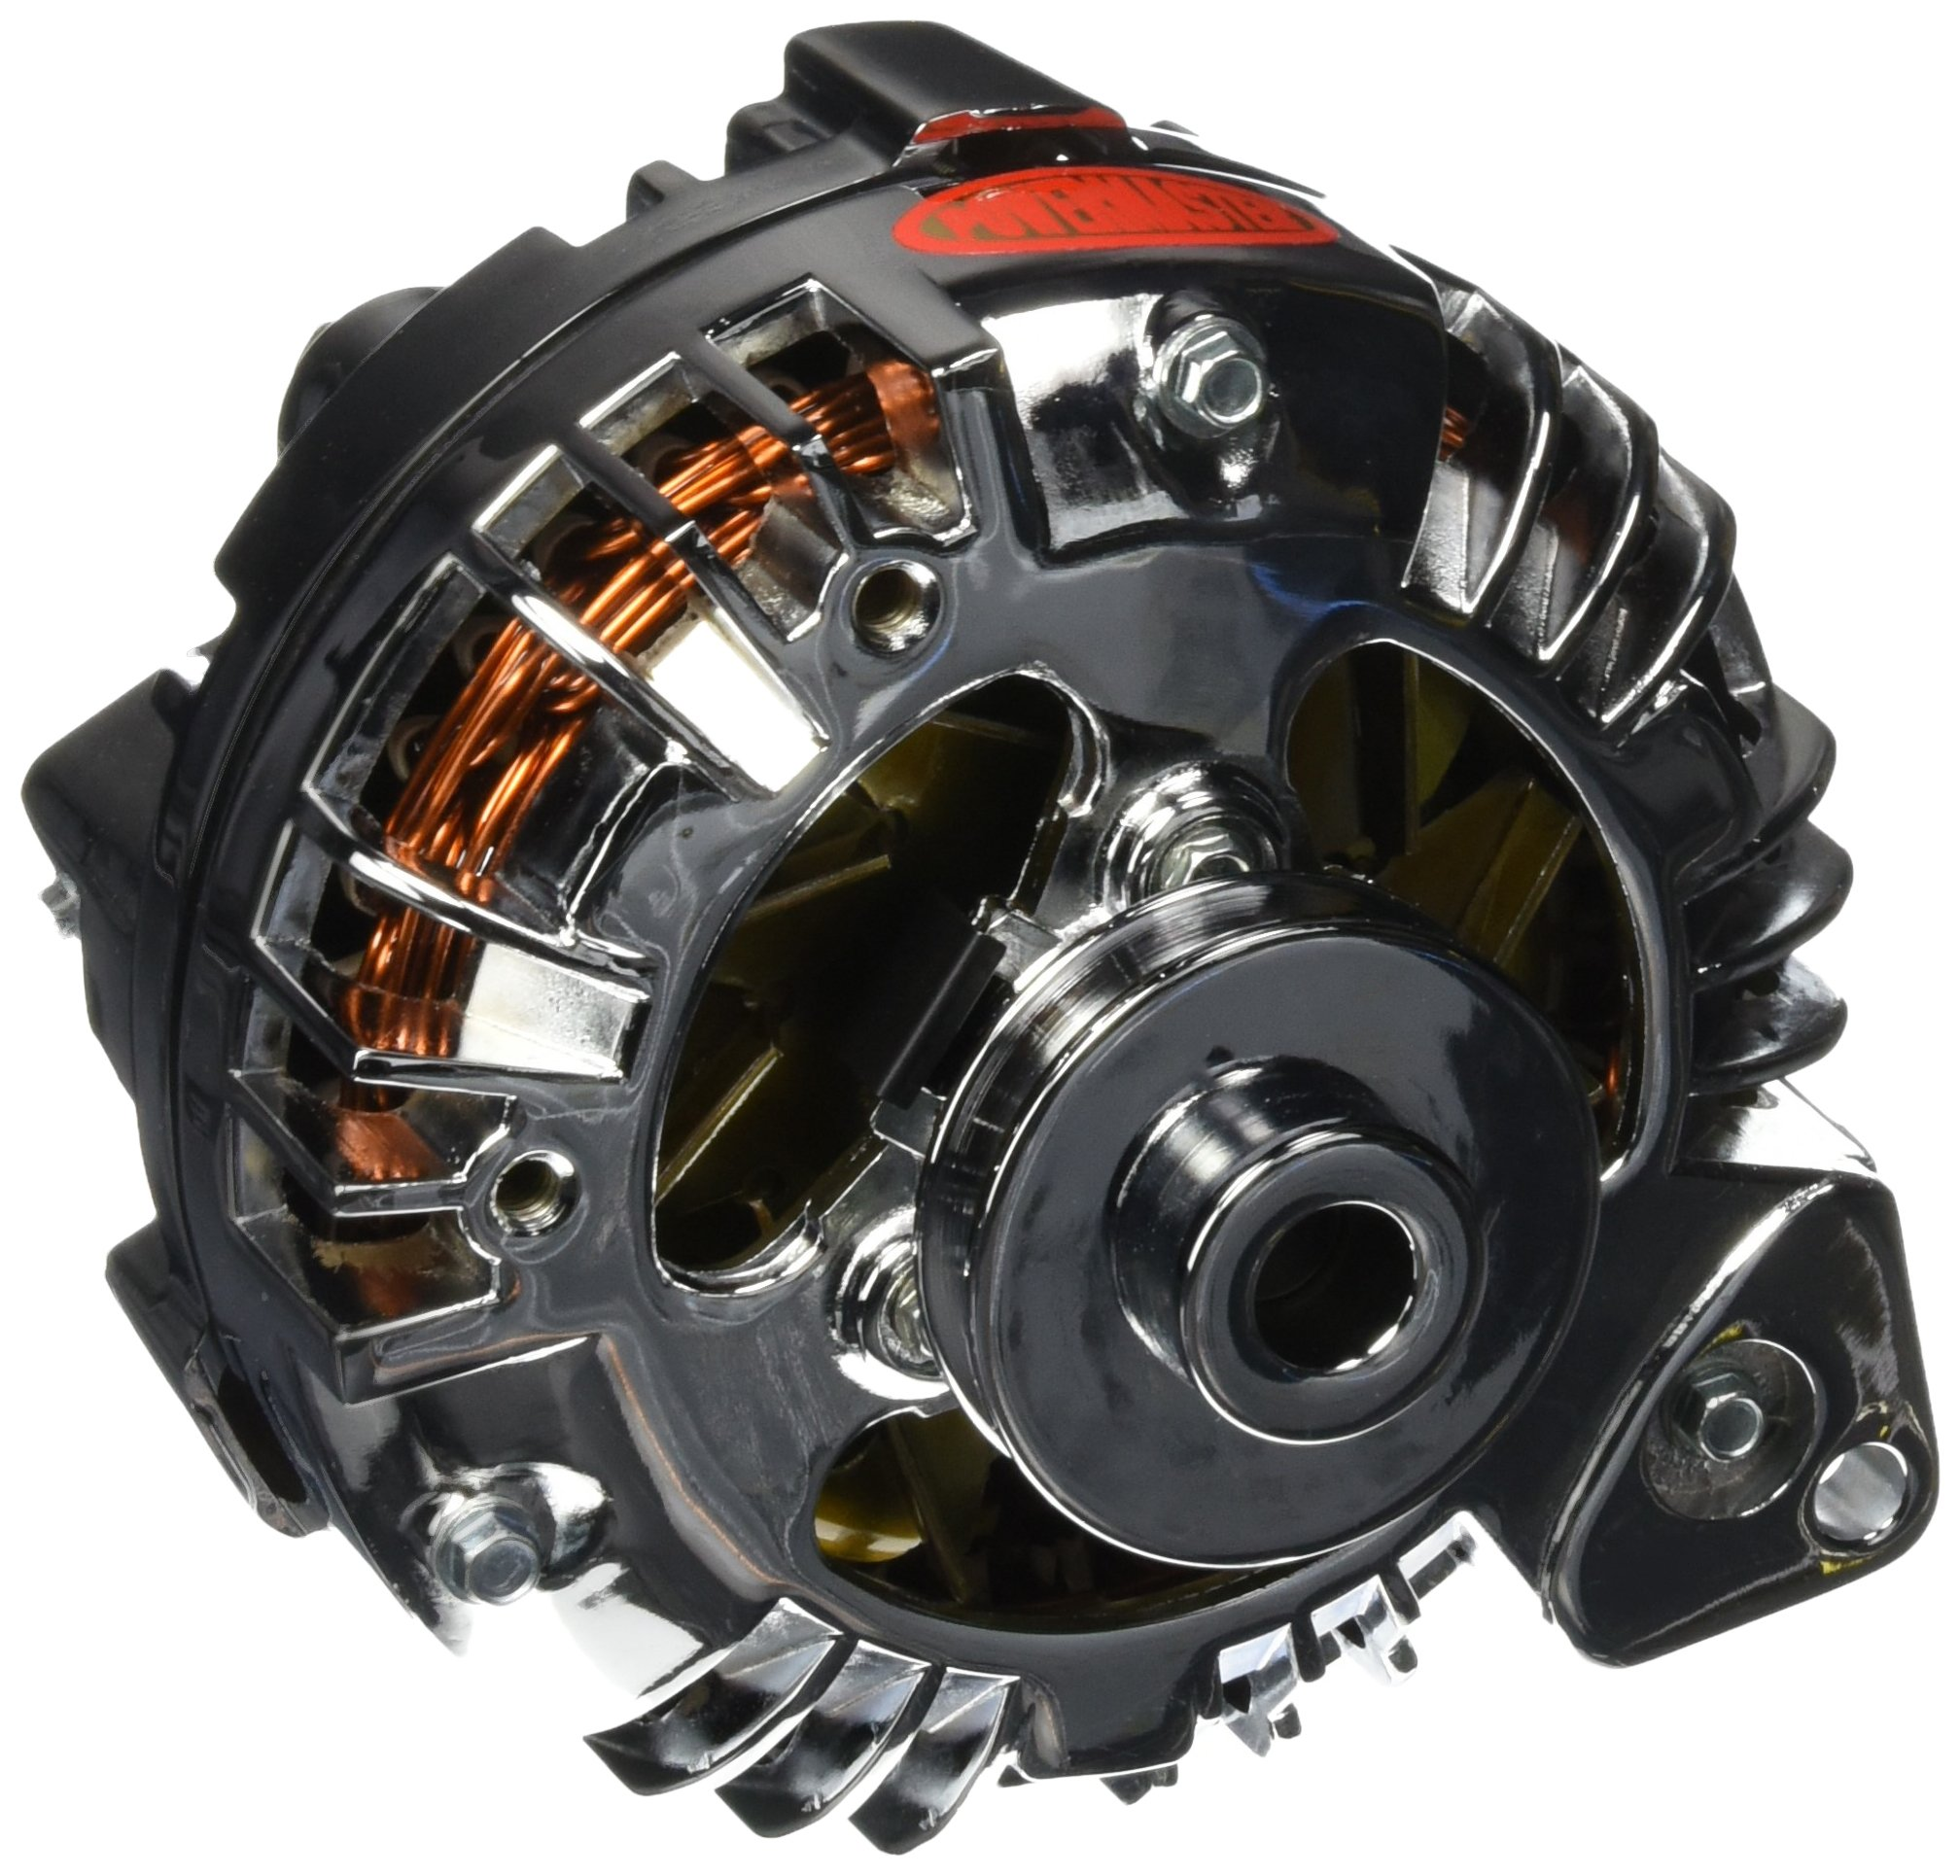 Powermaster 17519 Single Pulley Alternator by Powermaster (Image #1)